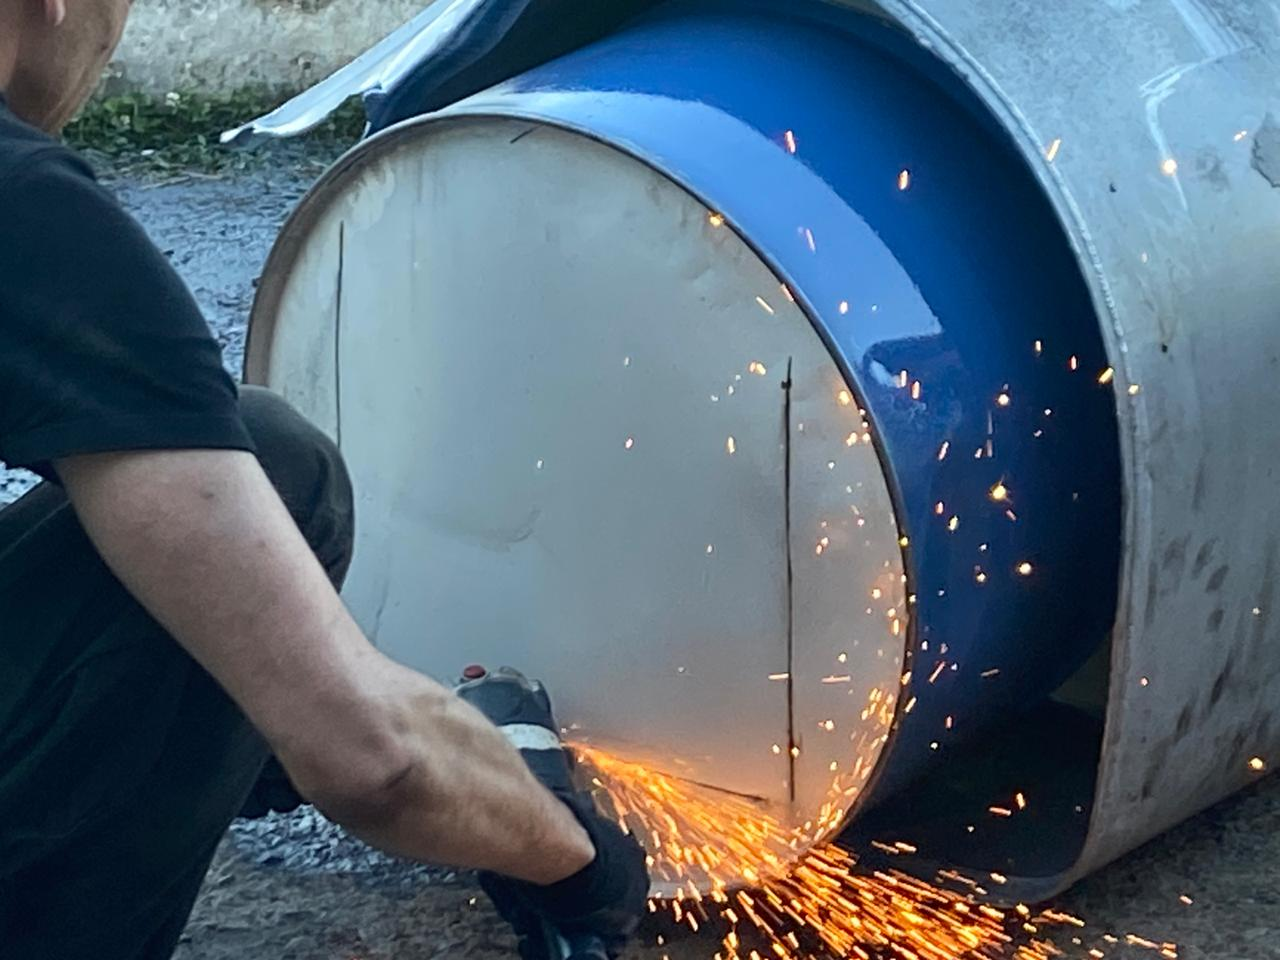 Контрабандисты пытались переправить в Румынию более 300 килограммов янтаря в бензобаках грузовика